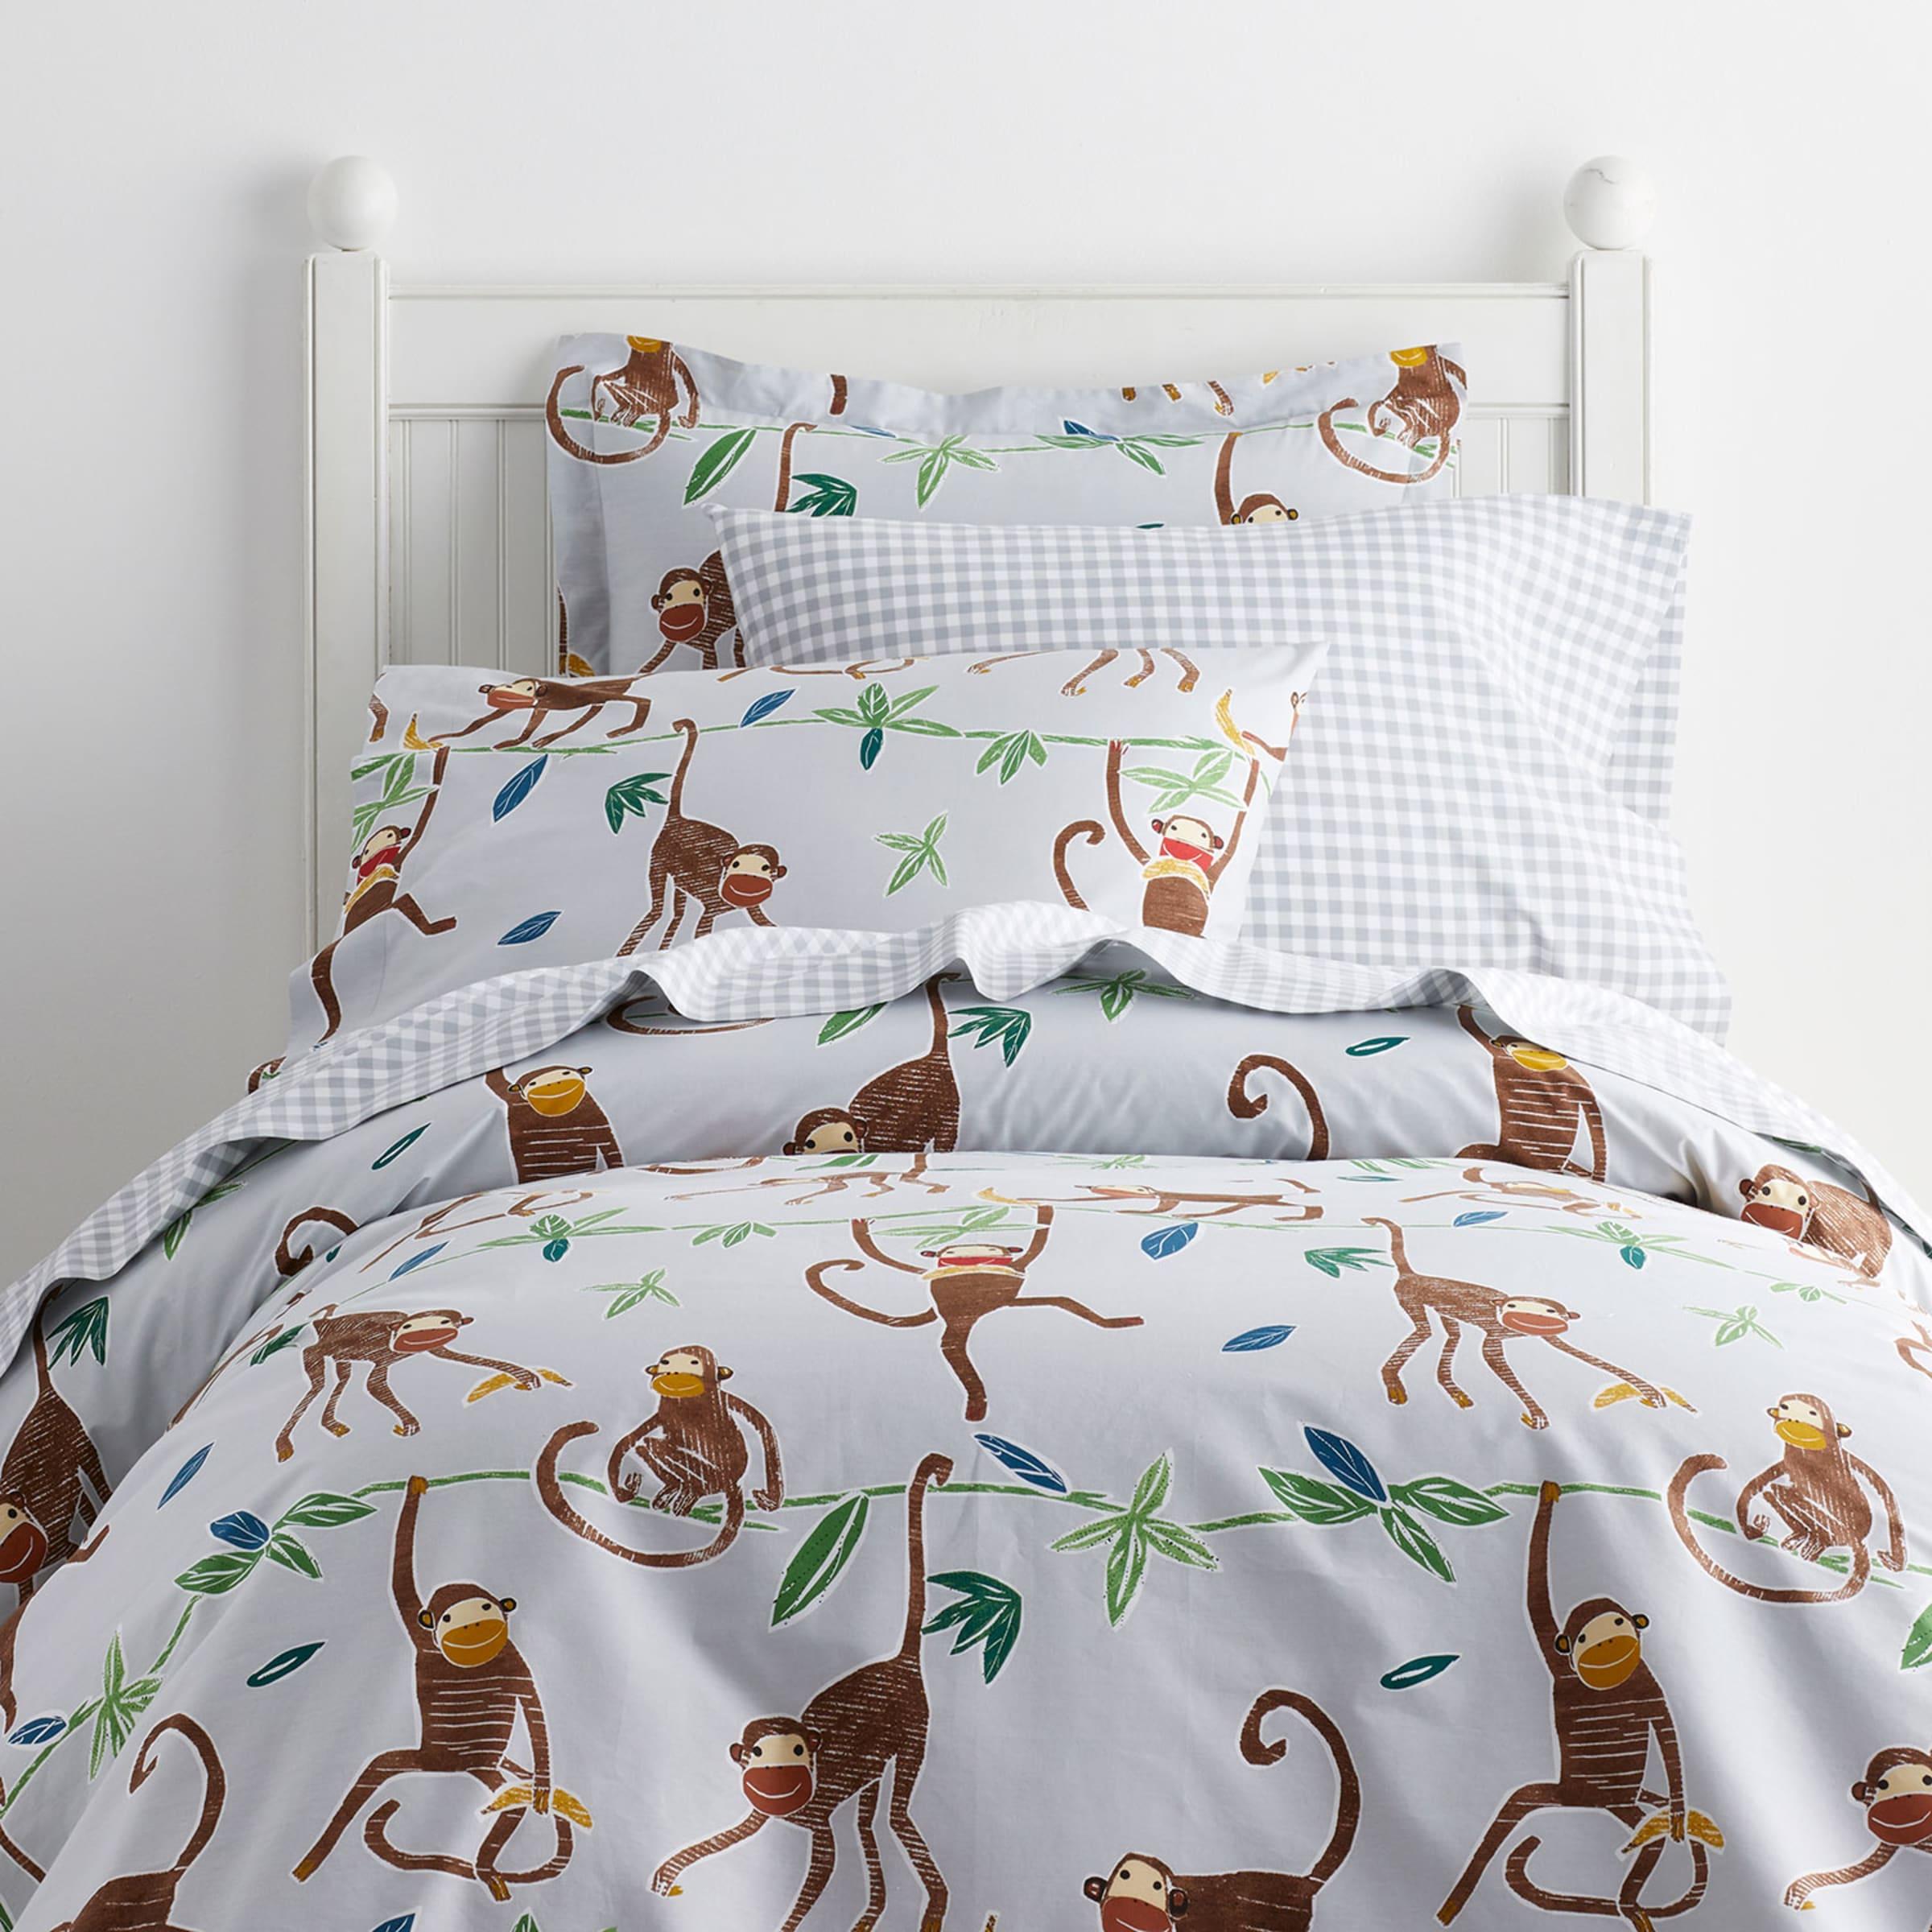 Monkey Business Print Kids Duvet Cover